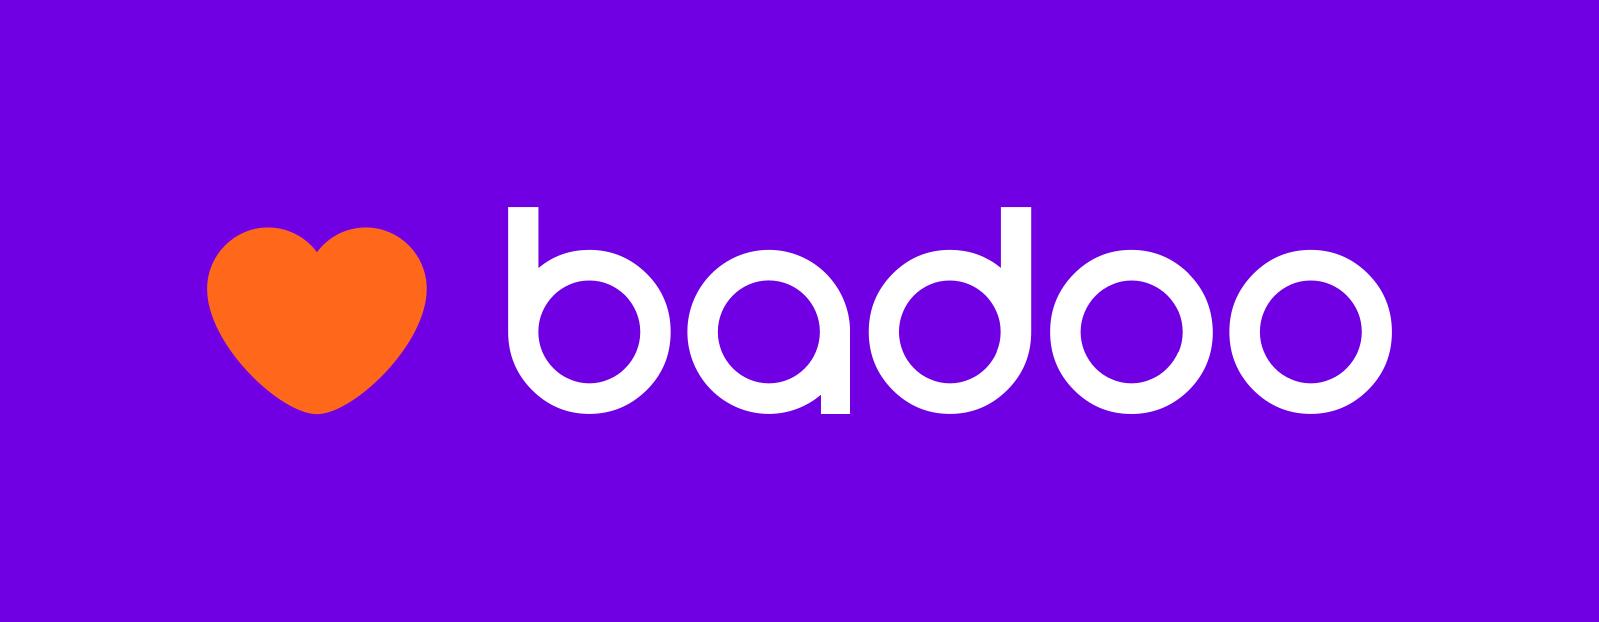 Badoo dating site allekirjoittaa jalkeilla